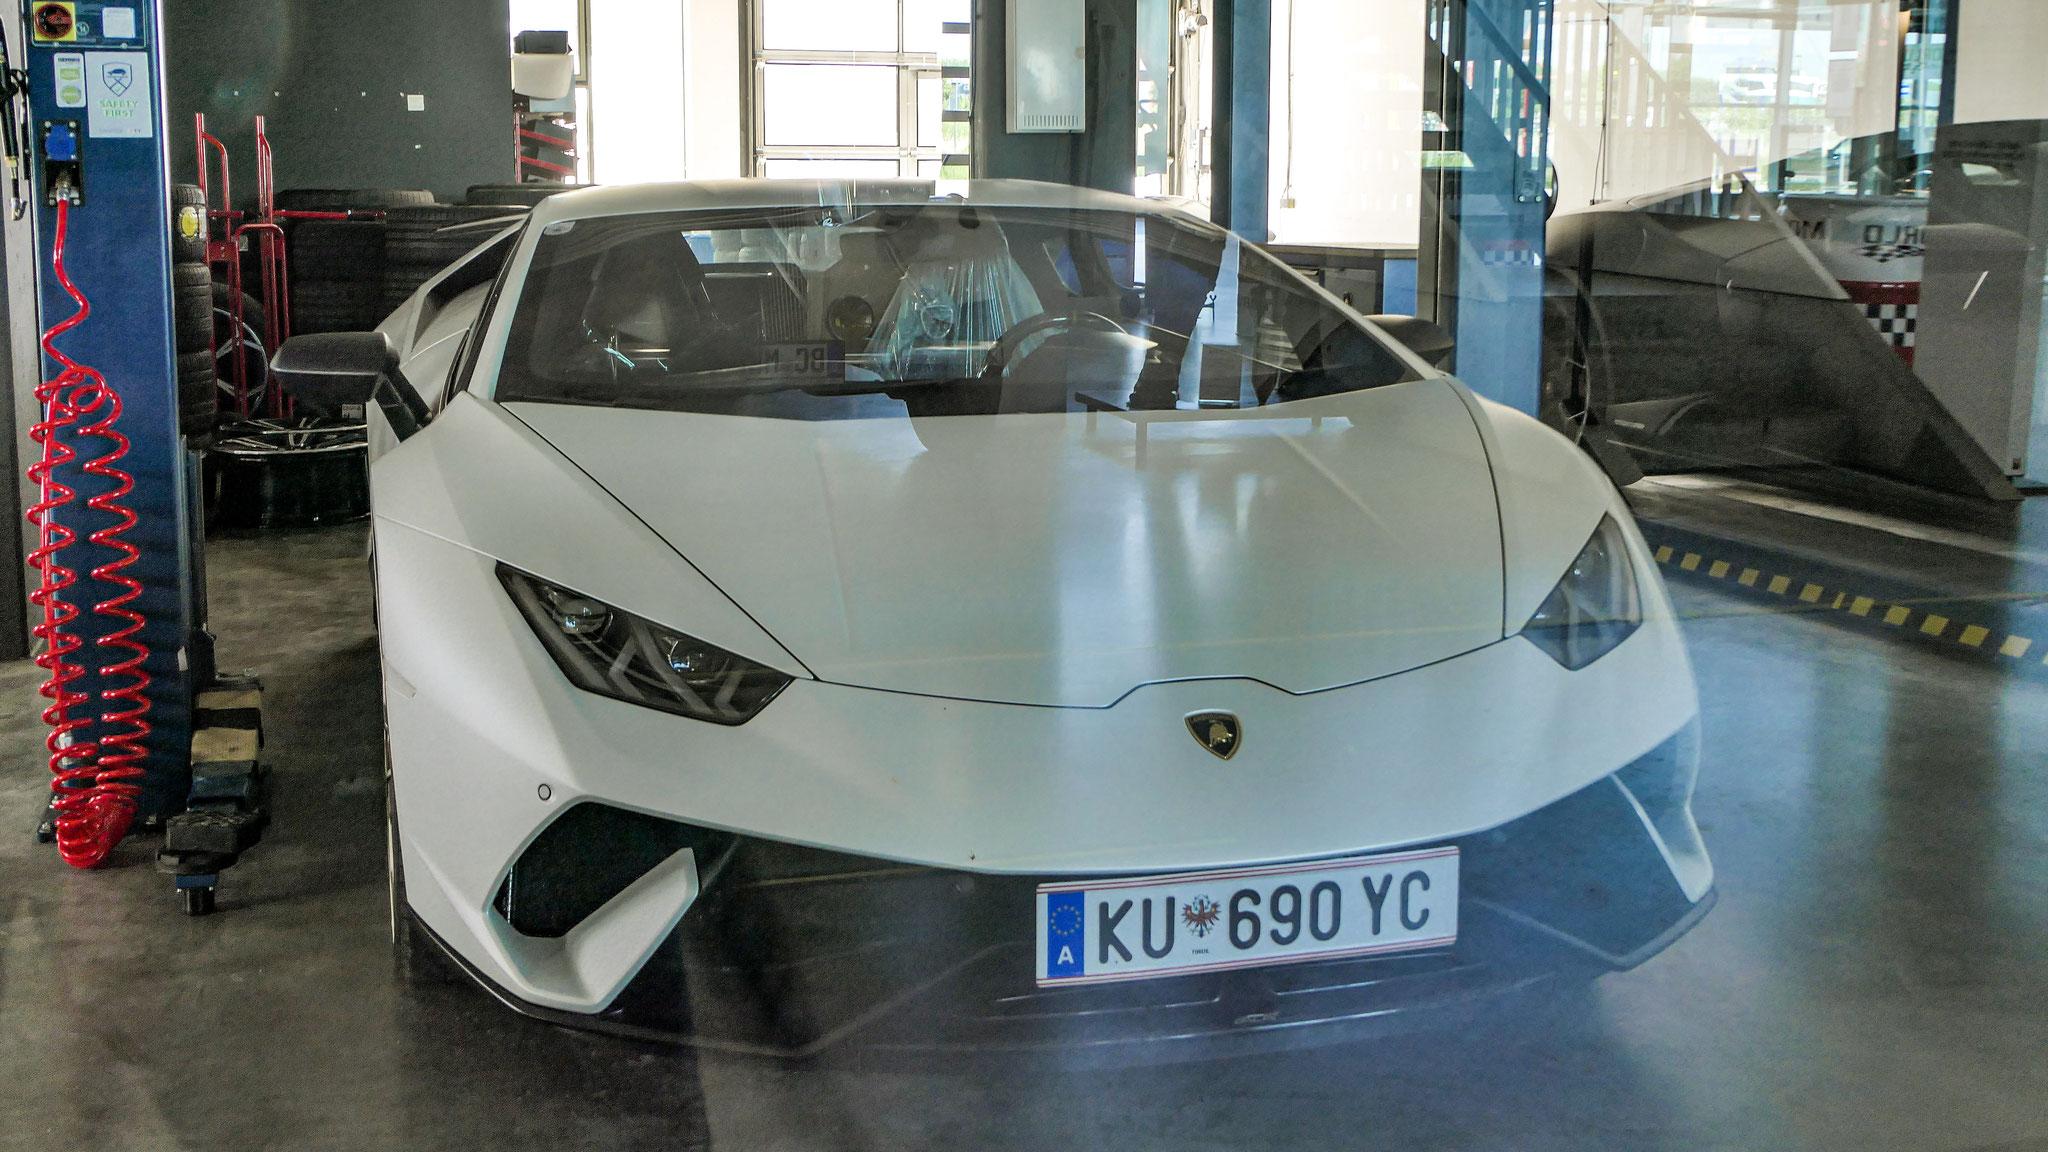 Lamborghini Huracan Performante - KU-690-YC (AUT)